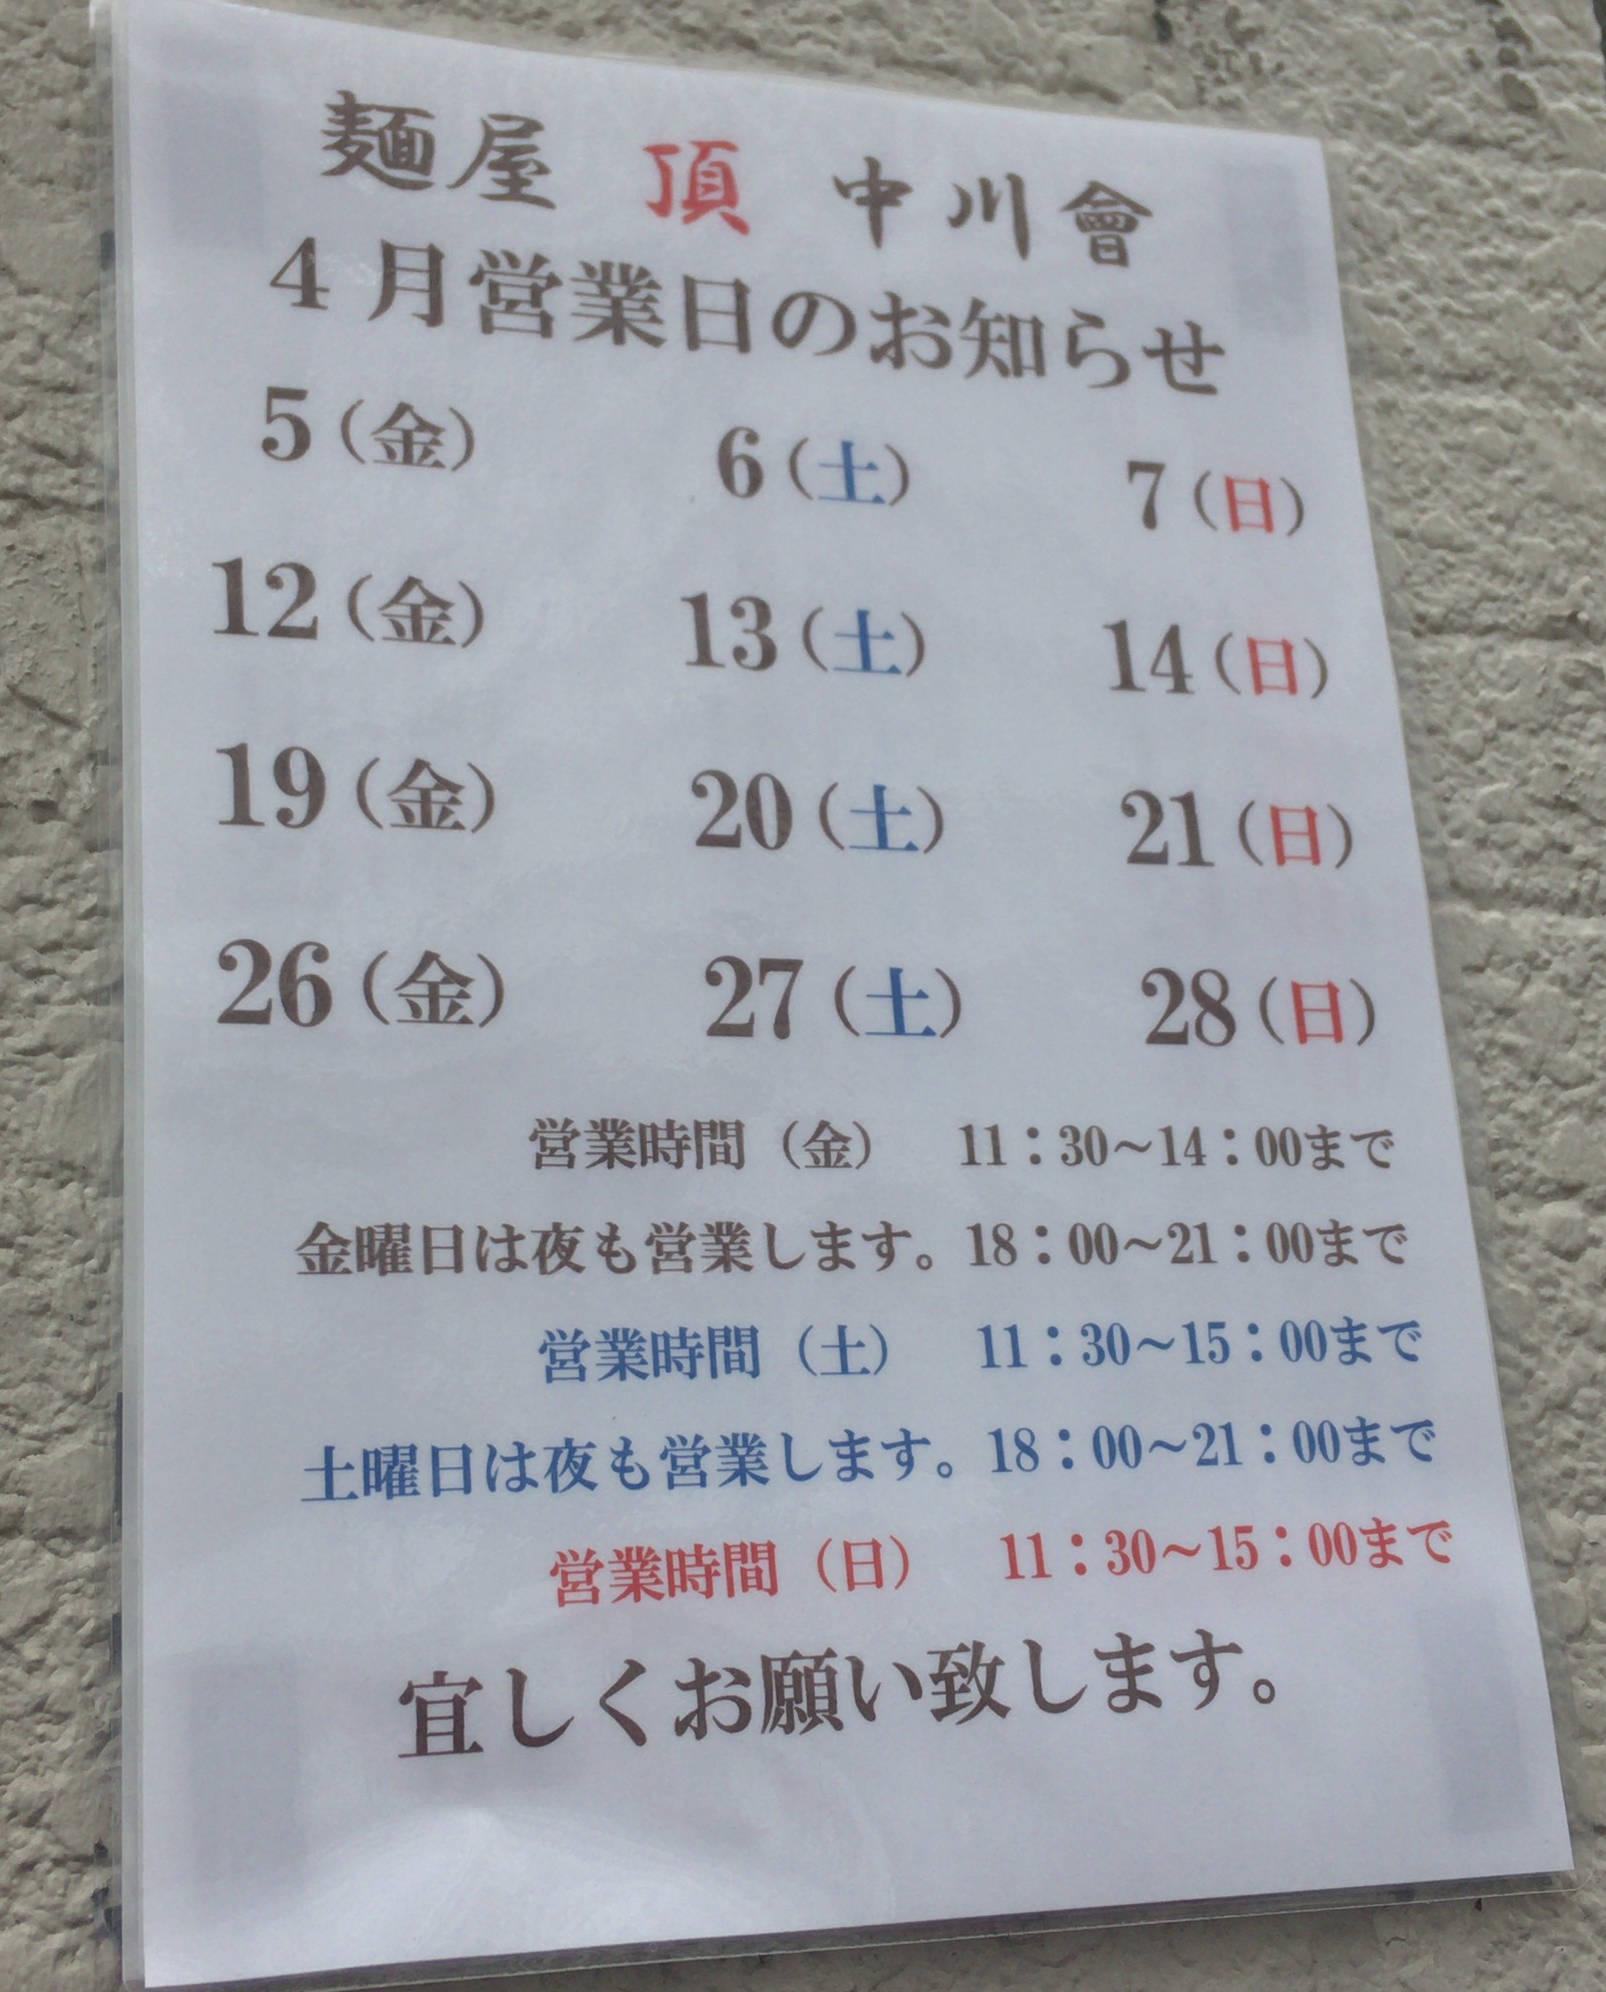 2019年04月の麺屋 頂 中川會の営業時間